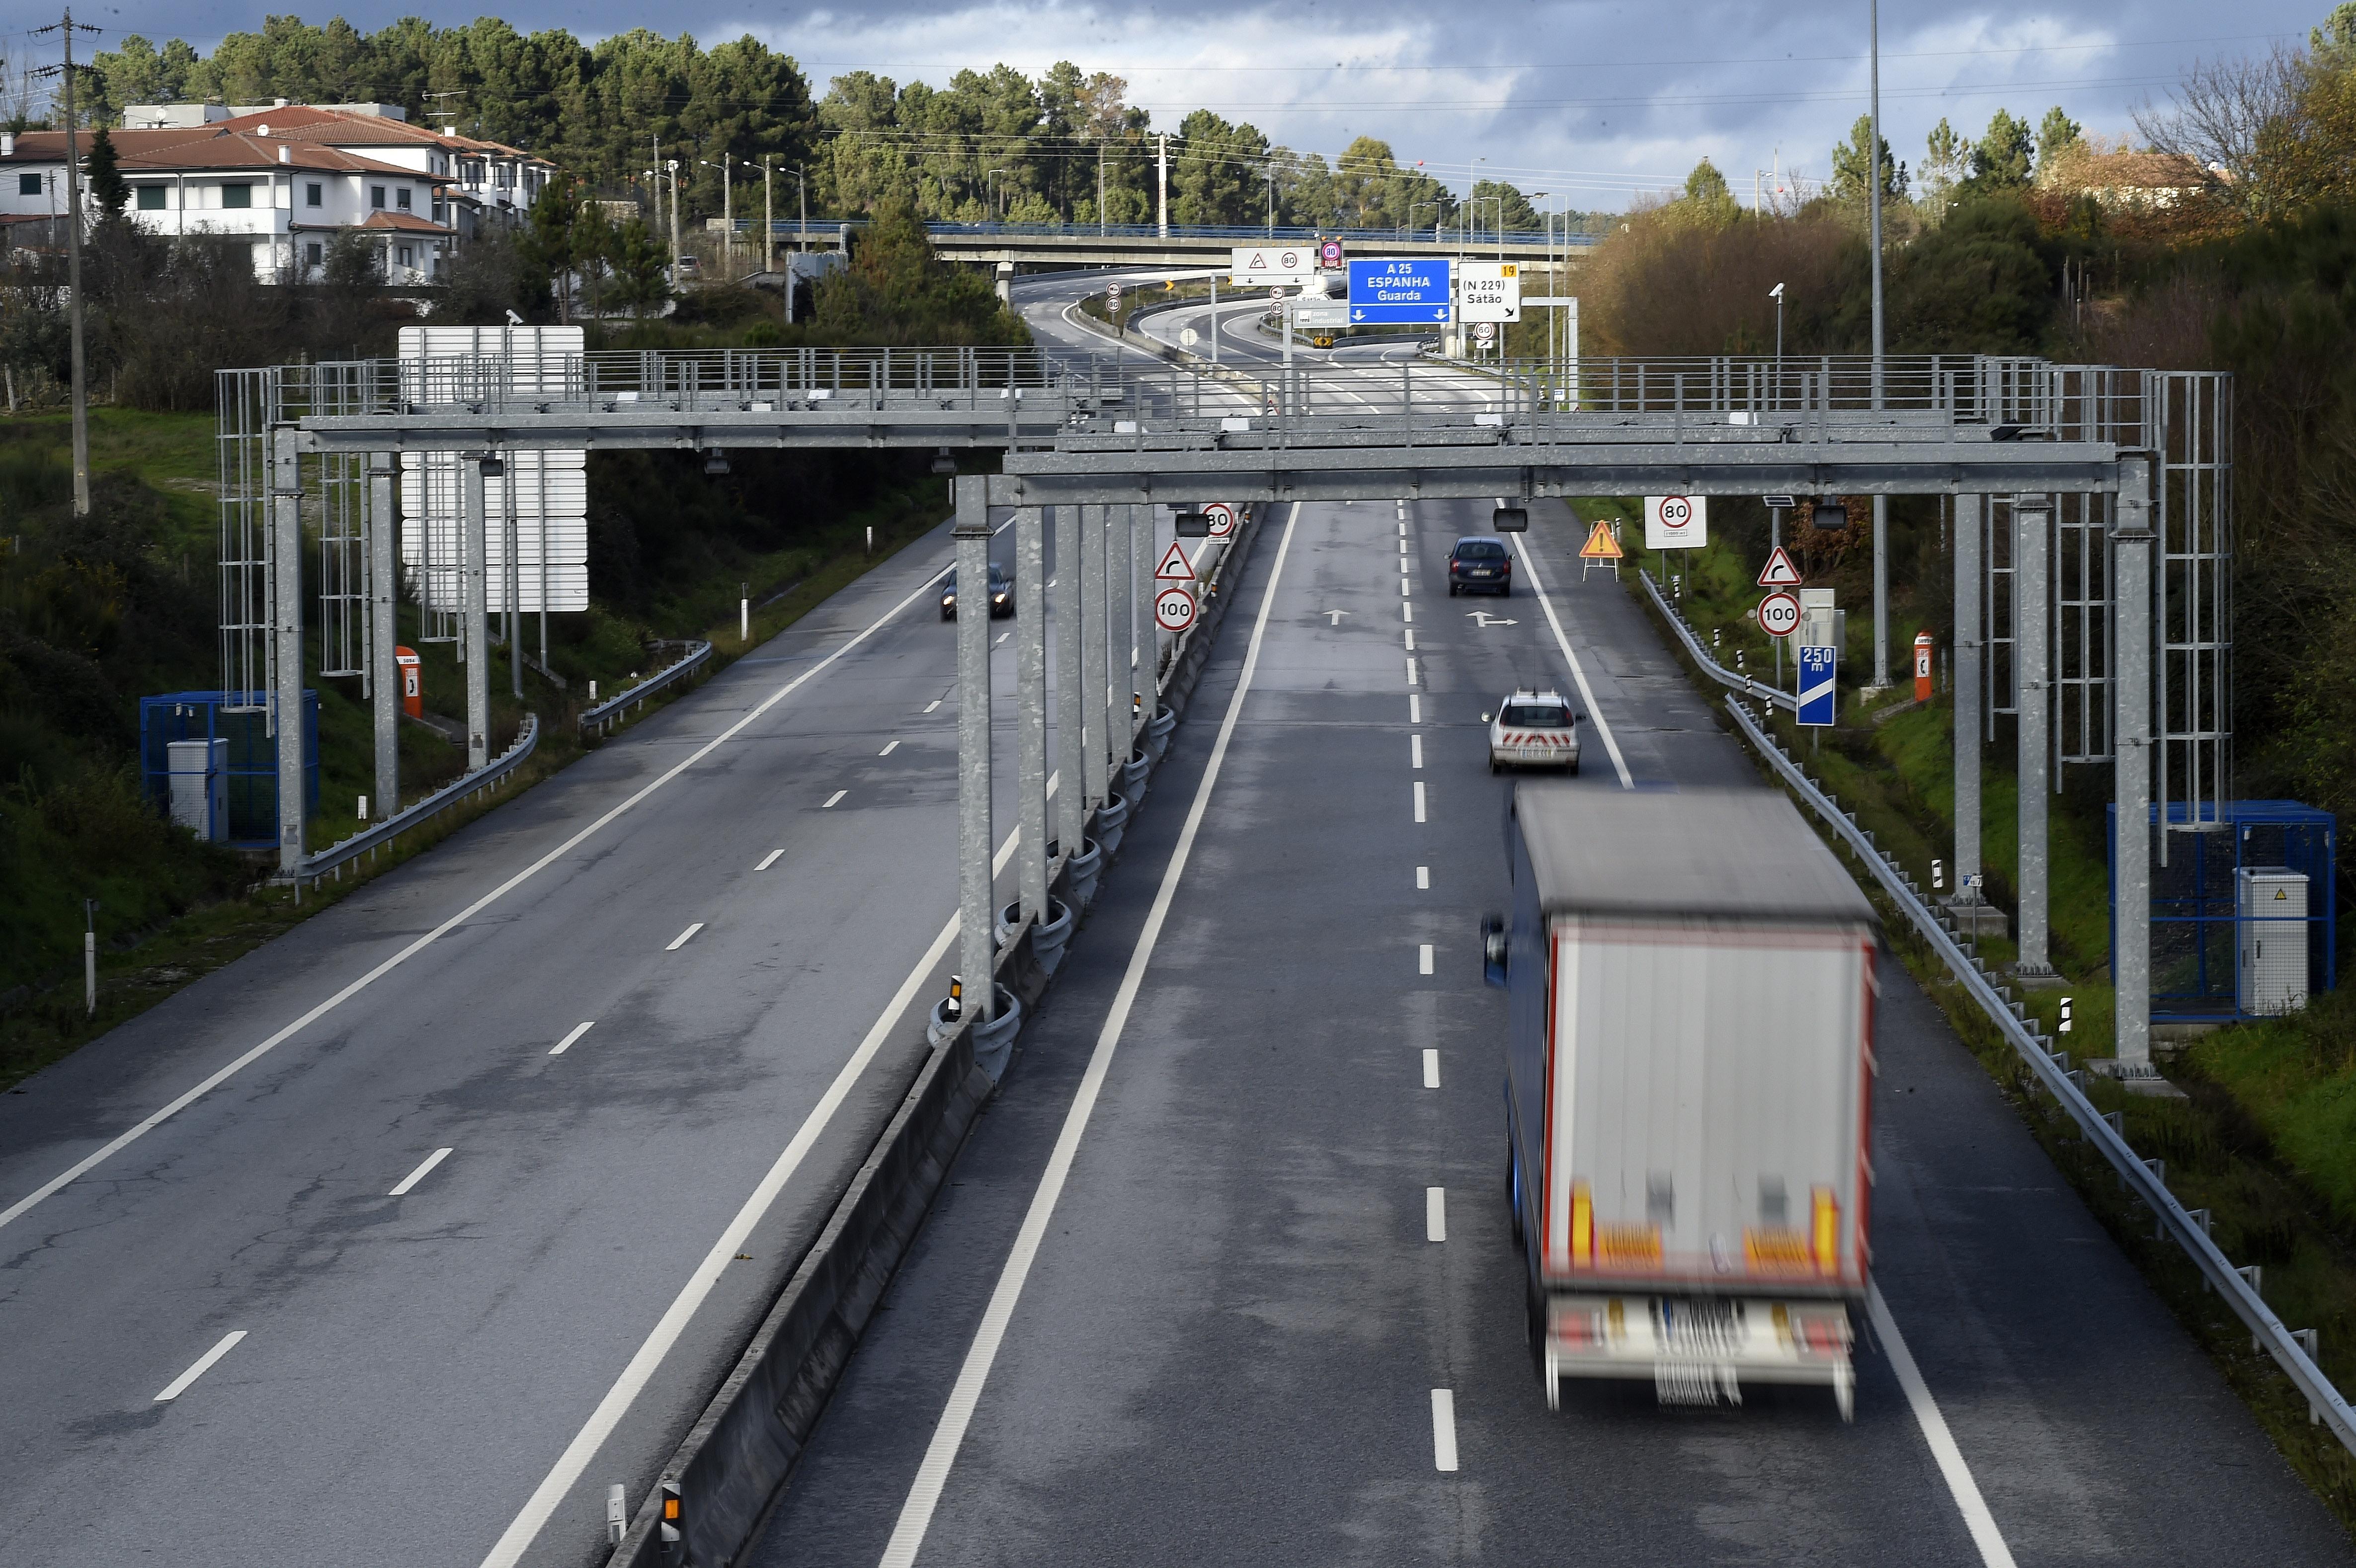 Condução com distância de segurança